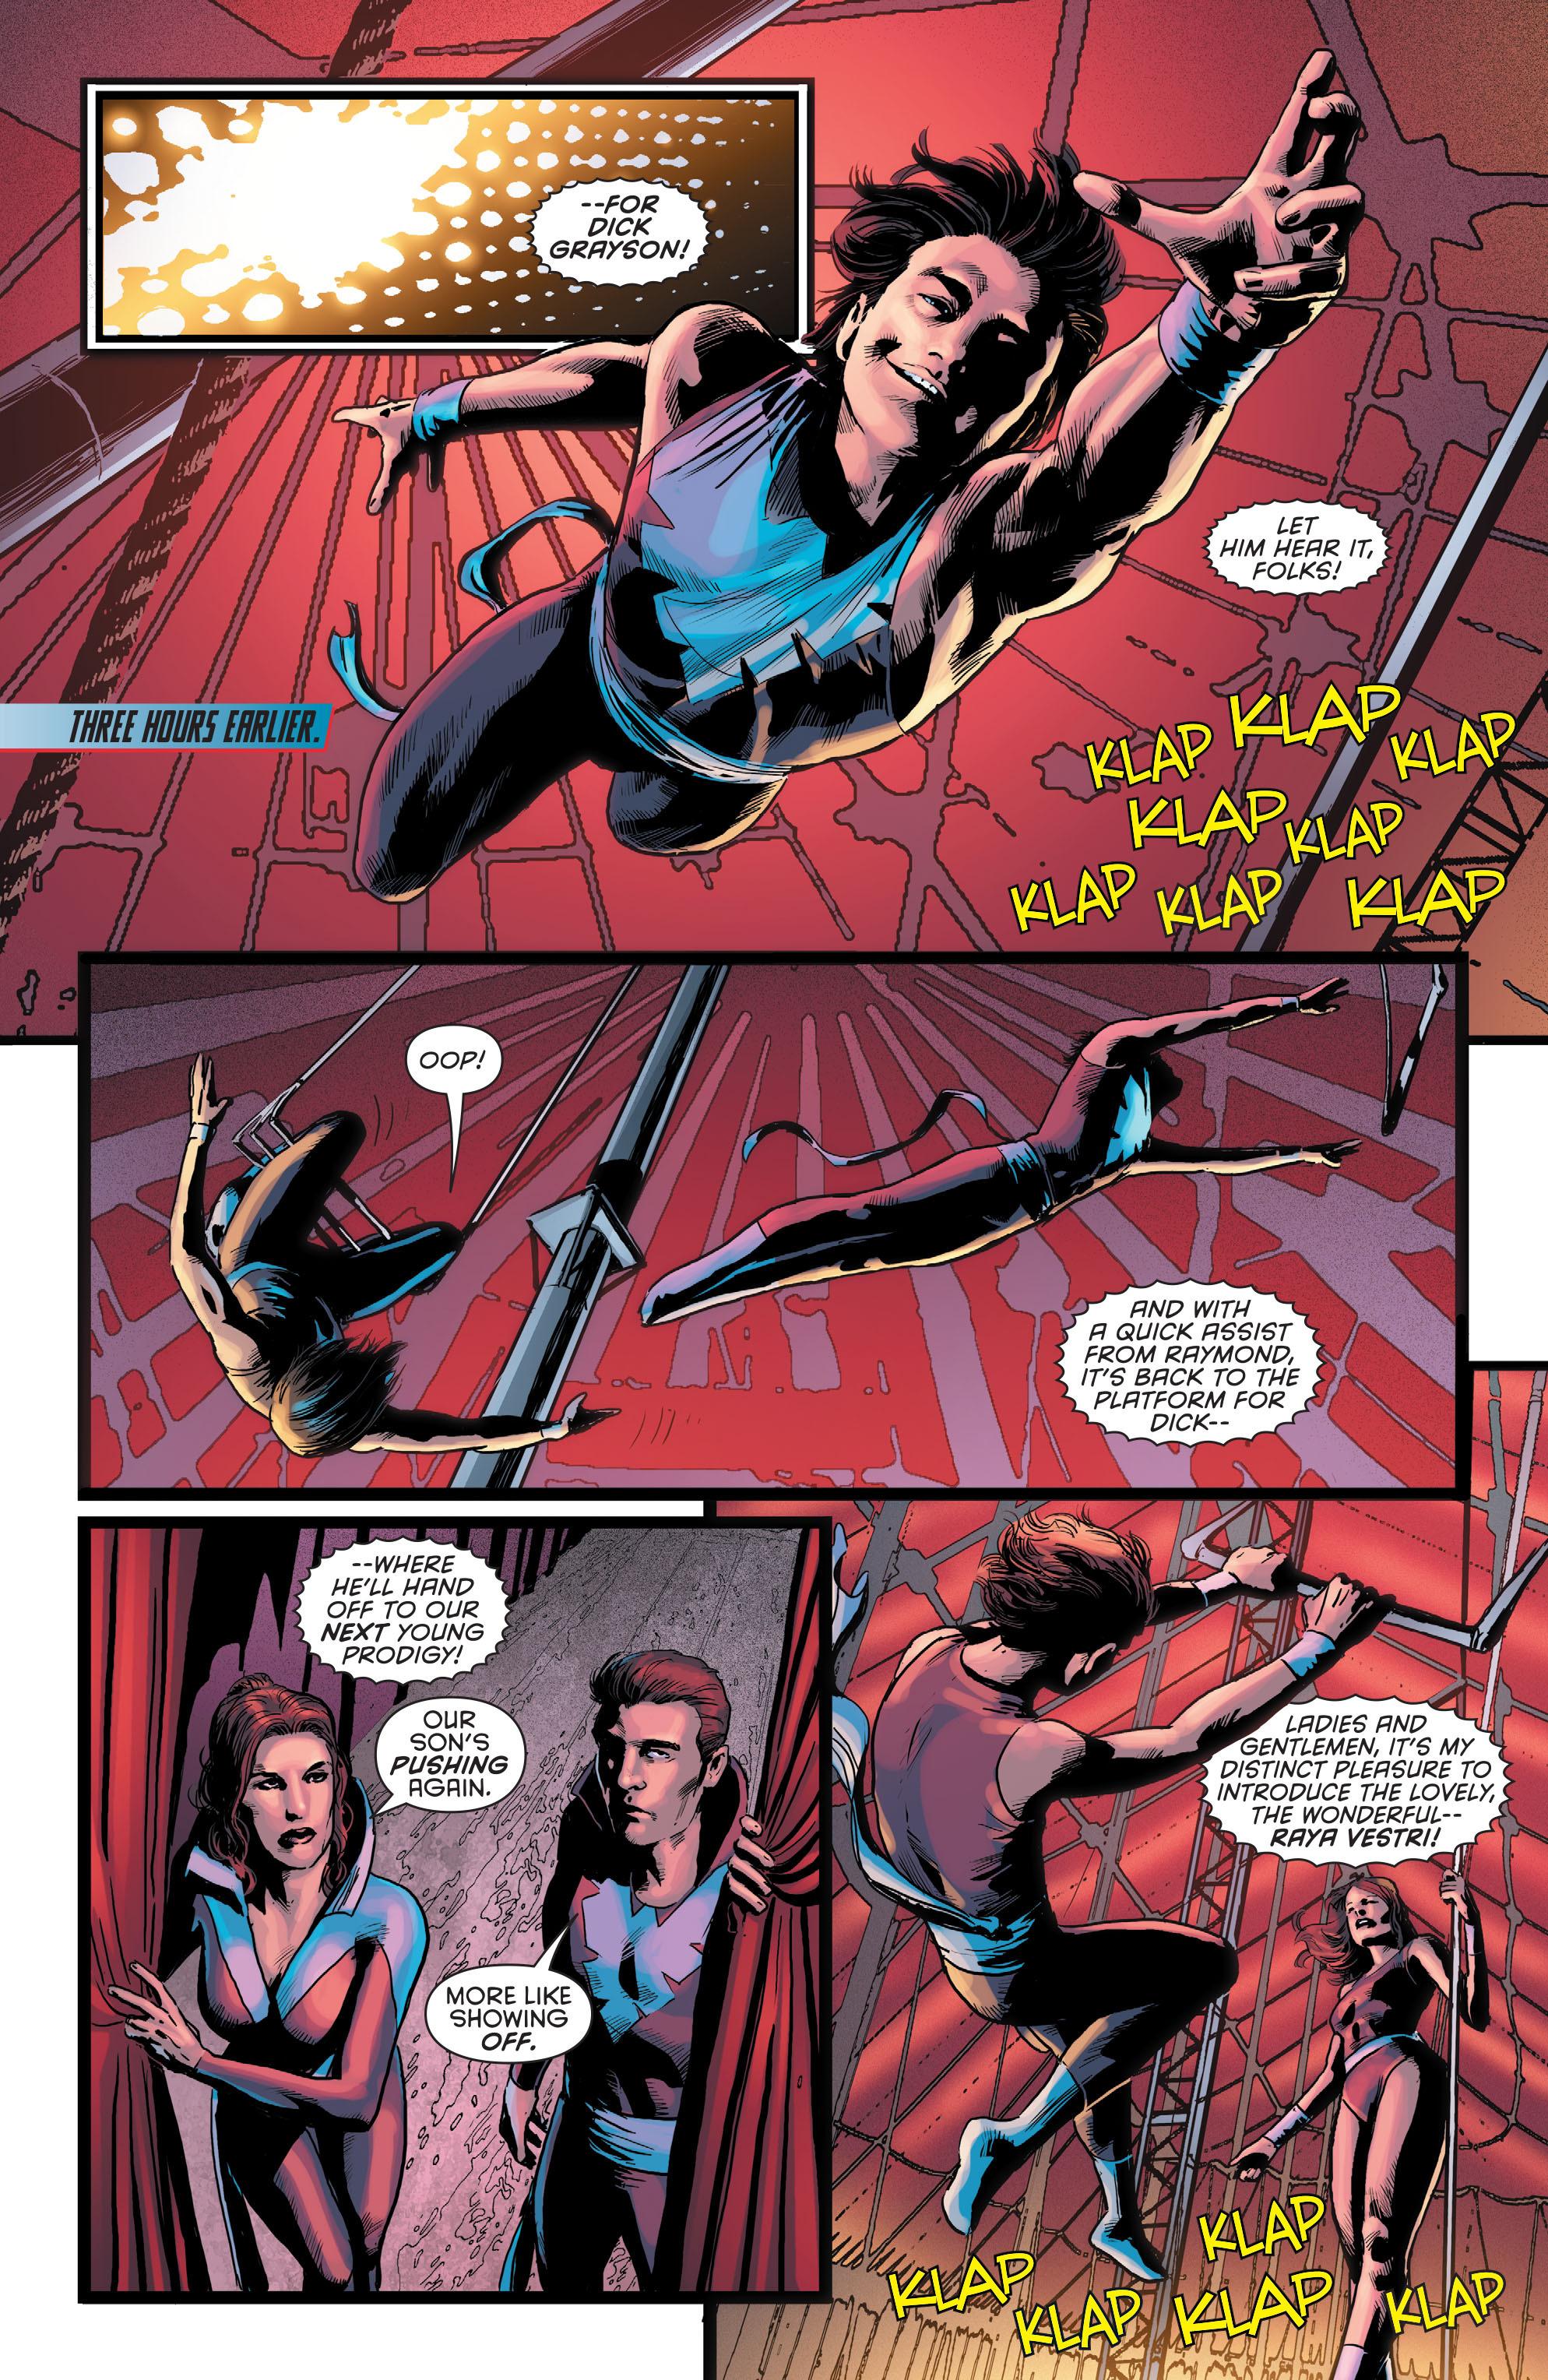 DC Comics: Zero Year chap tpb pic 348